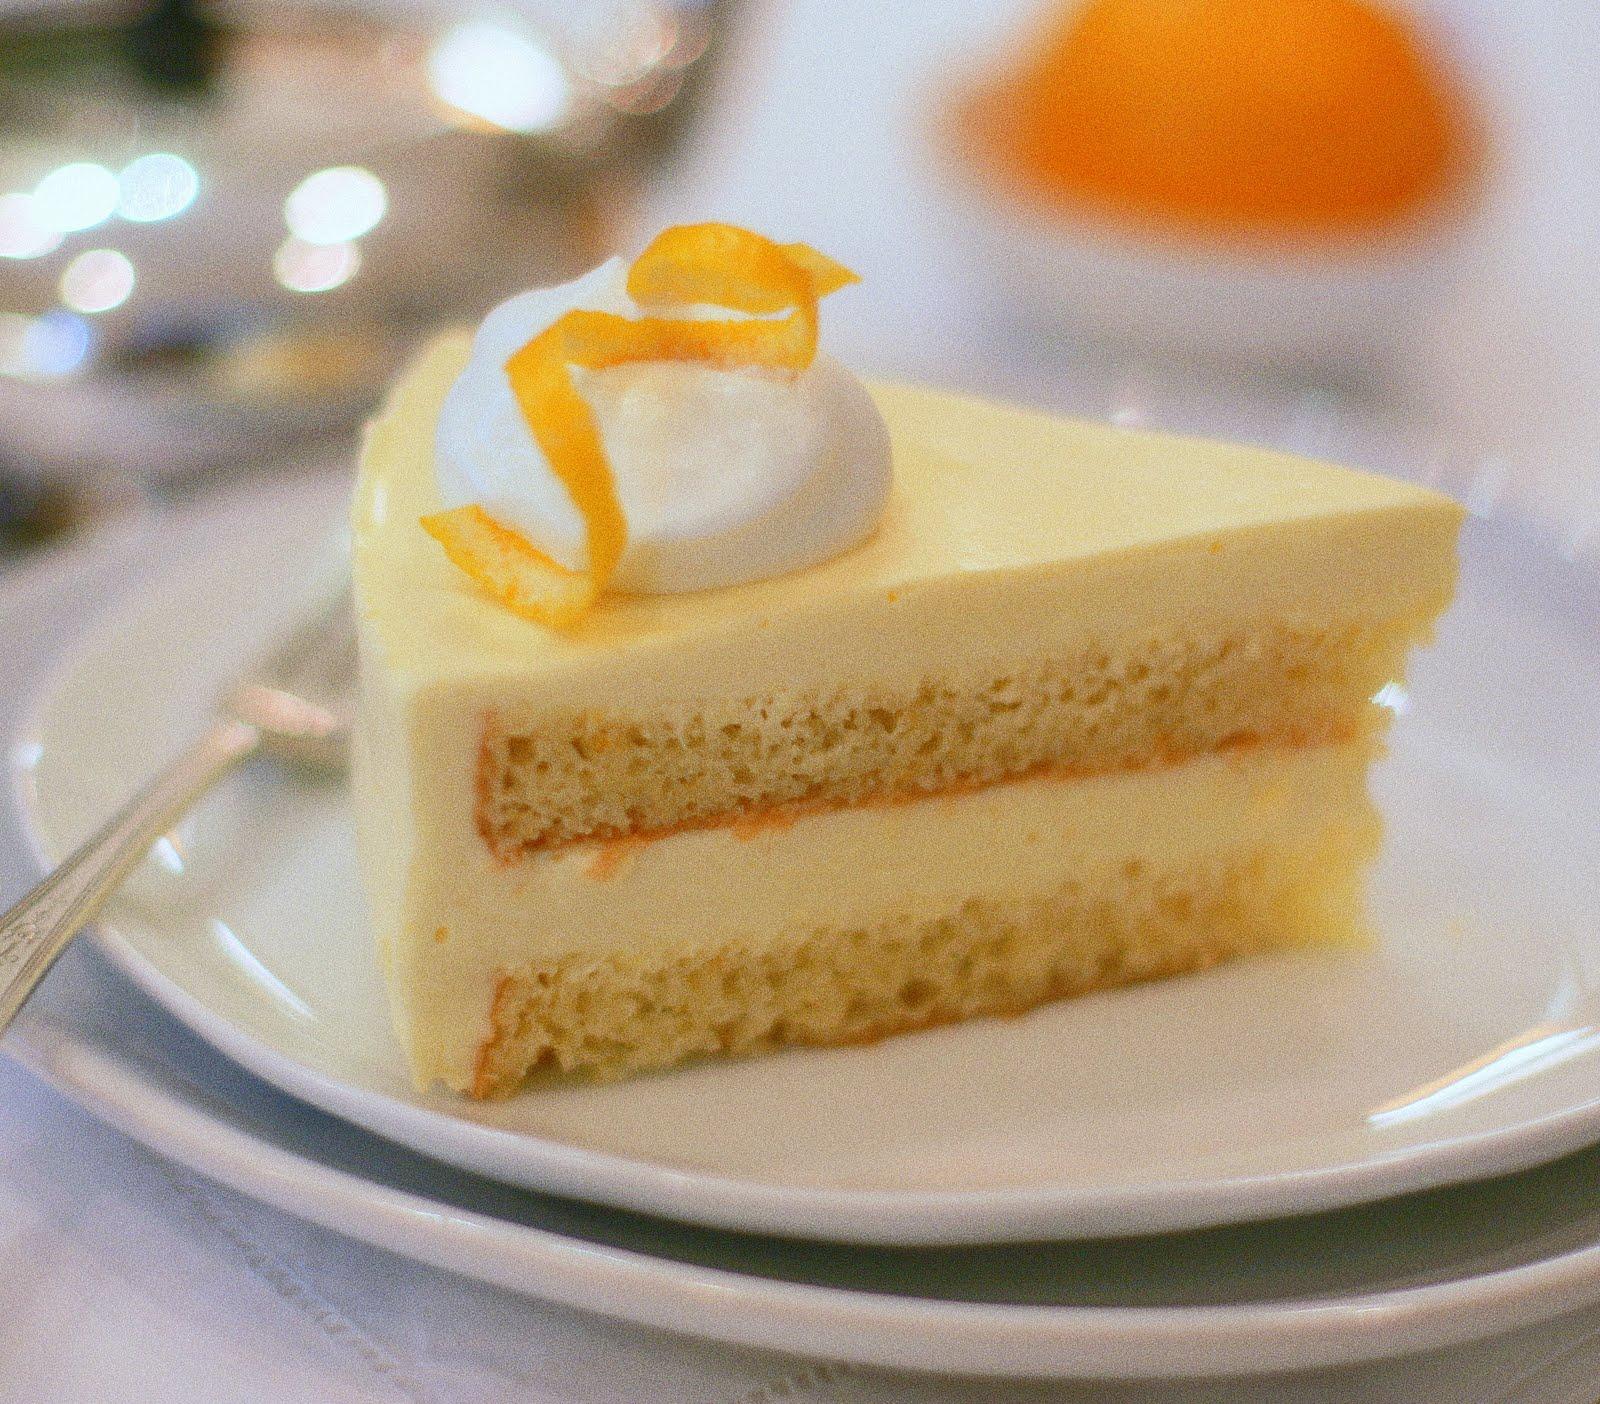 Lemon Mousse Cake Recipe Image